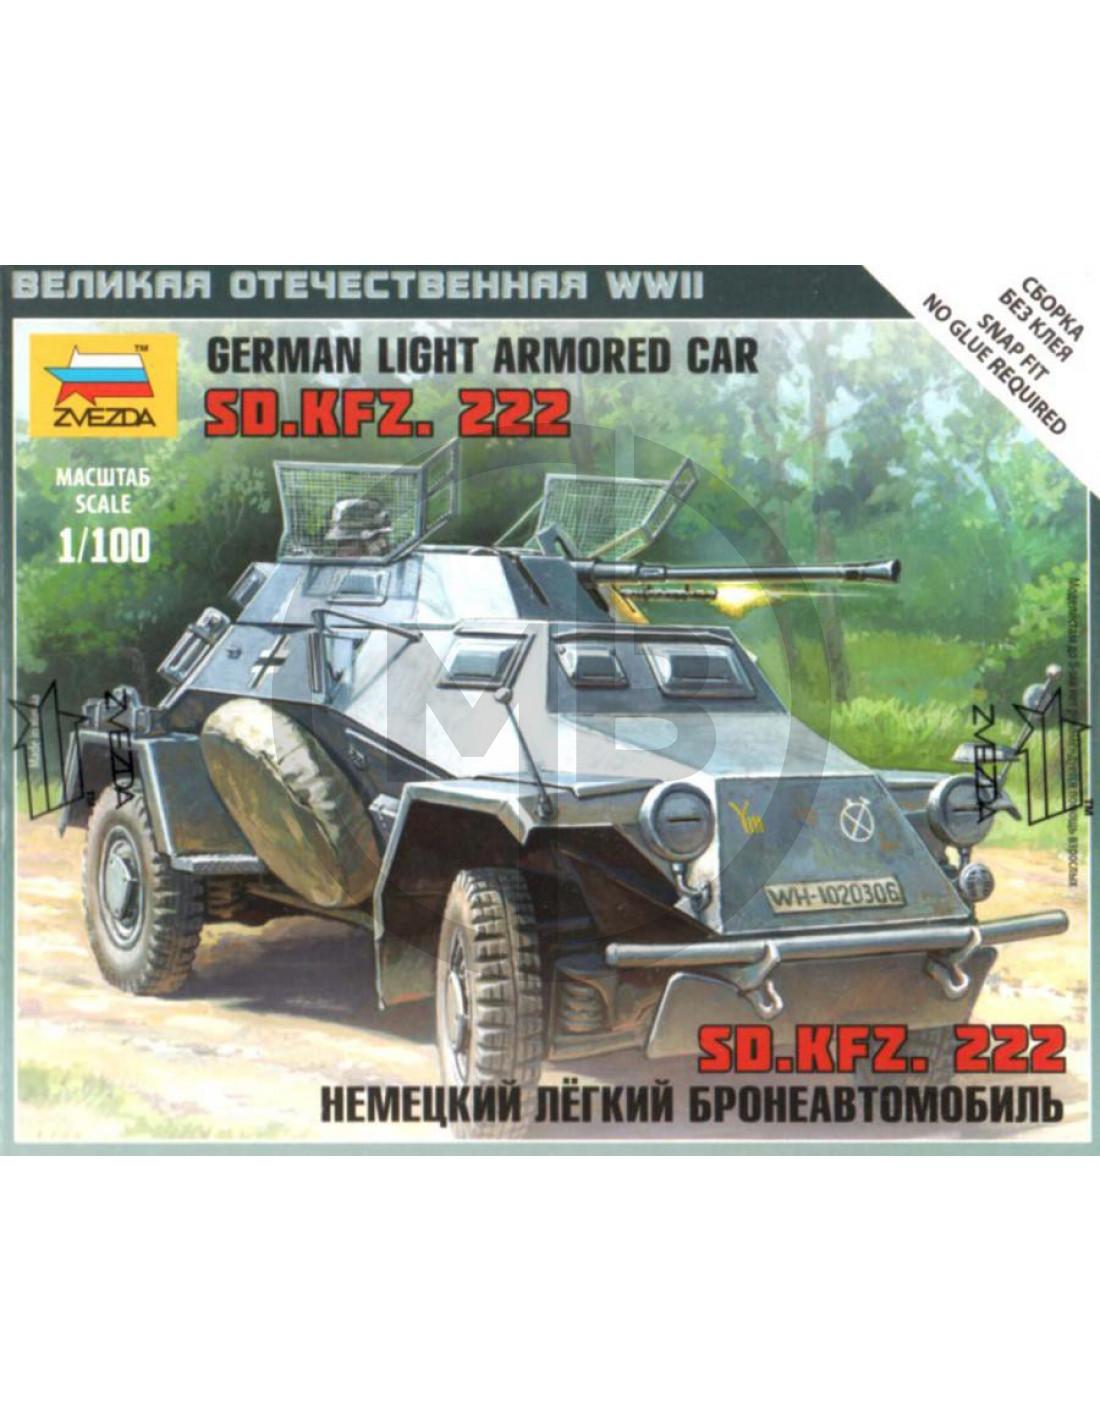 german light armored car. Black Bedroom Furniture Sets. Home Design Ideas